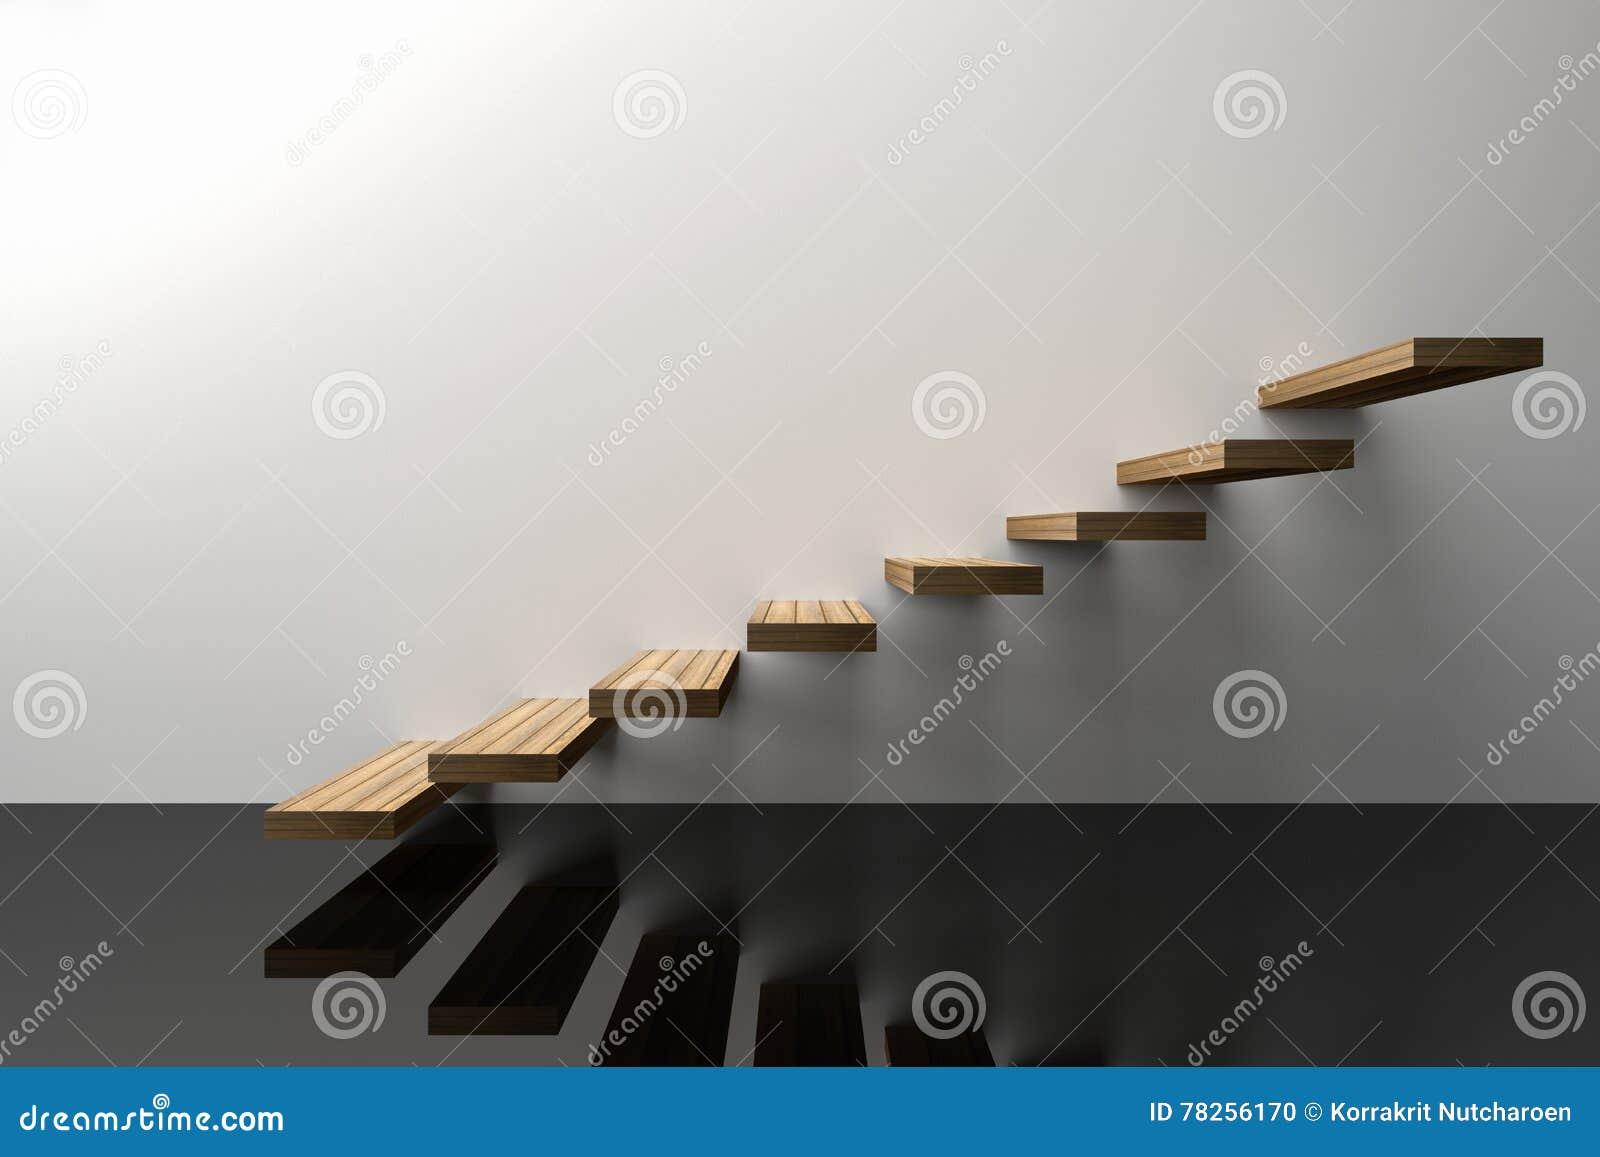 τρισδιάστατη απόδοση: η απεικόνιση του ξύλινου σκαλοπατιού ή επιταχύνει στο άσπρο κλίμα τοίχων με το λαμπρό μαύρο πάτωμα, επιτυχί